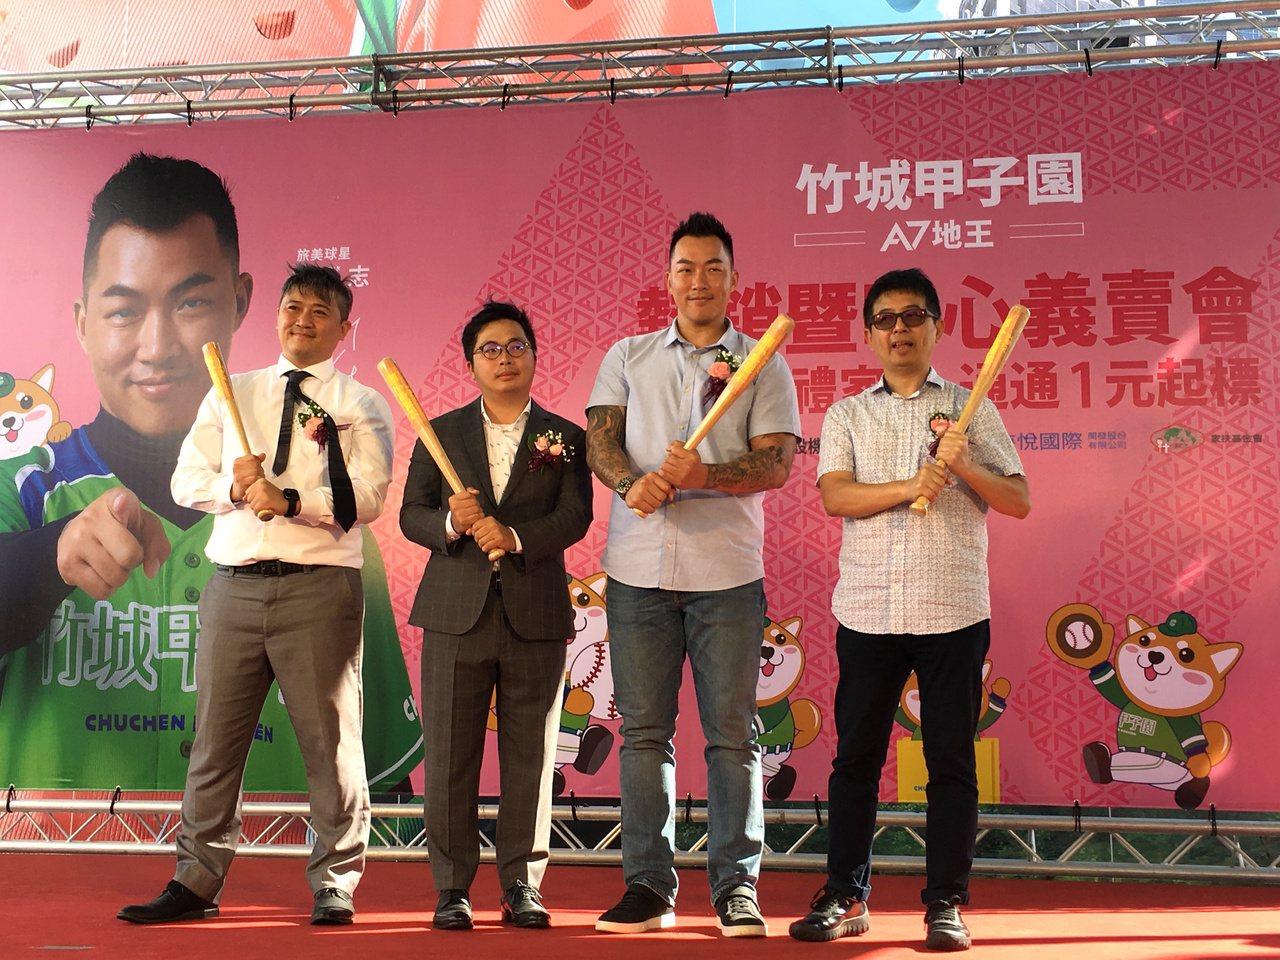 旅美球星郭泓志代言「竹城甲子園」,吸引粉絲圍觀。圖/竹城建設提供